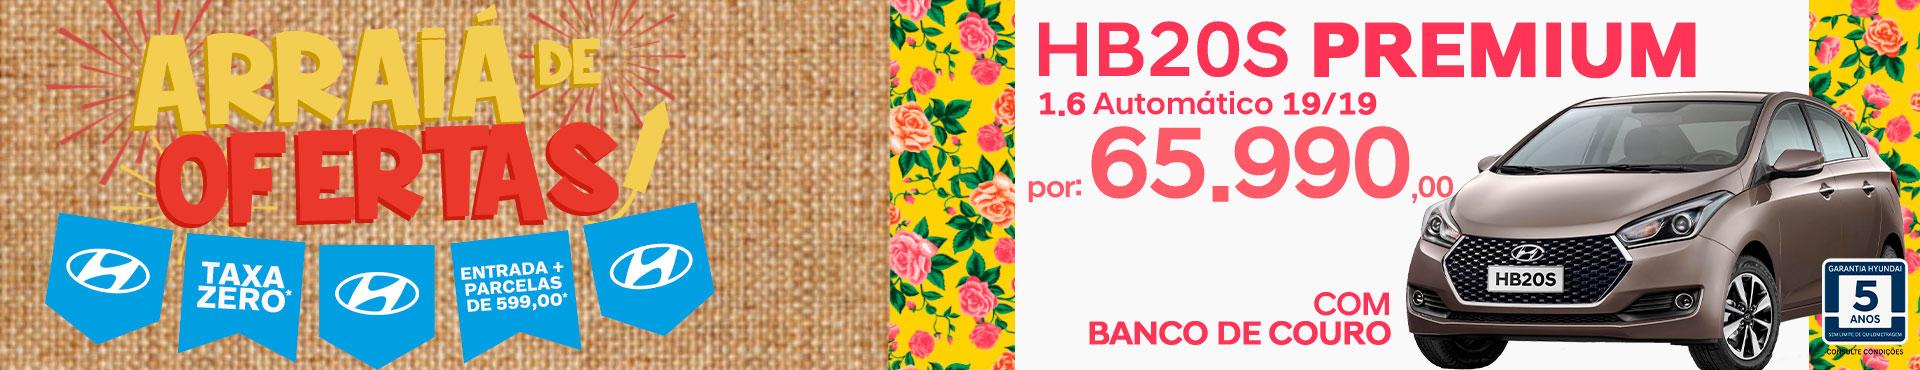 HB20s Premium c/ Bancos de Couro